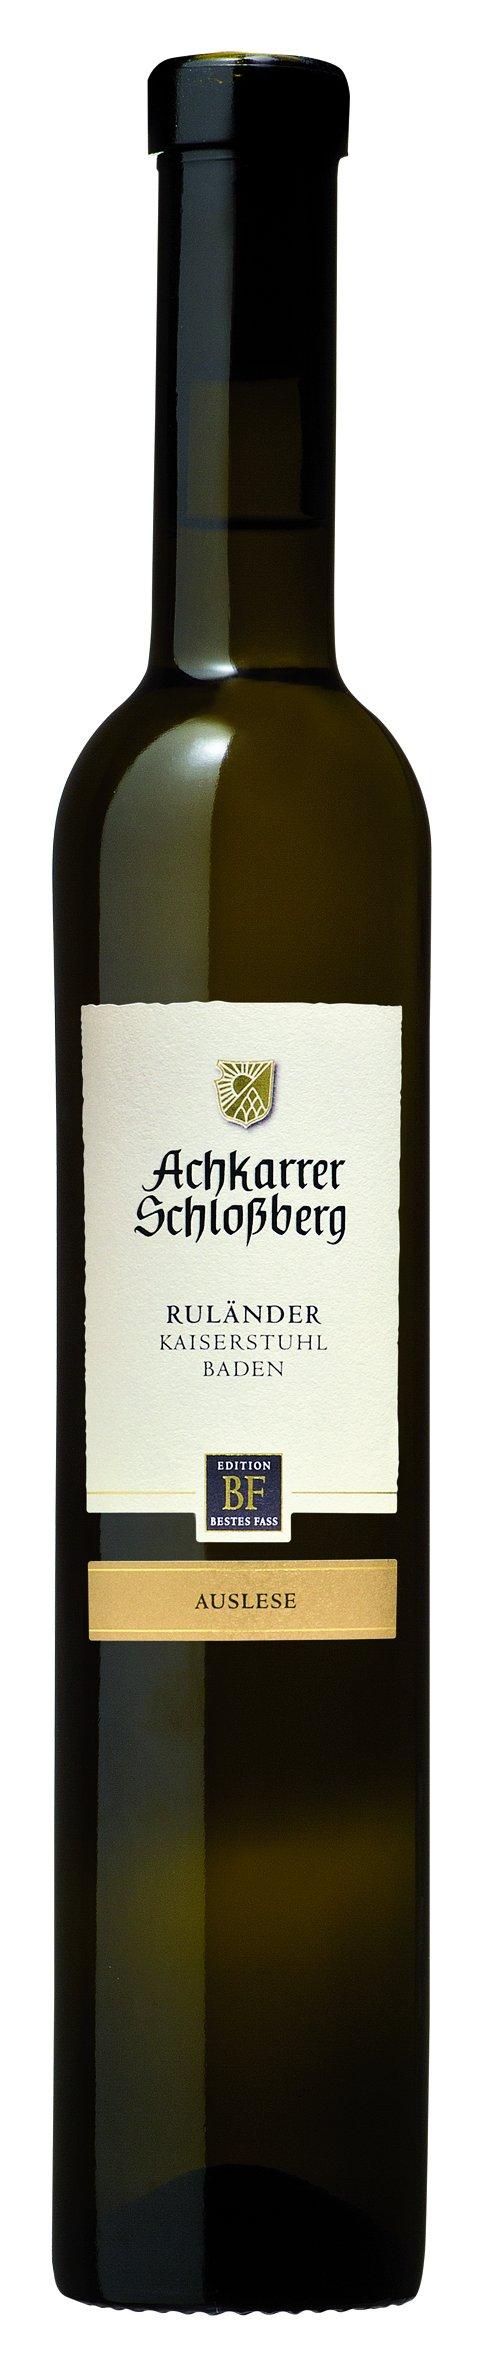 Achkarrer-Schlossberg-Rulnder-Auslese-EditionBestes-Fass-SweinDessertwein-3-x-05-l